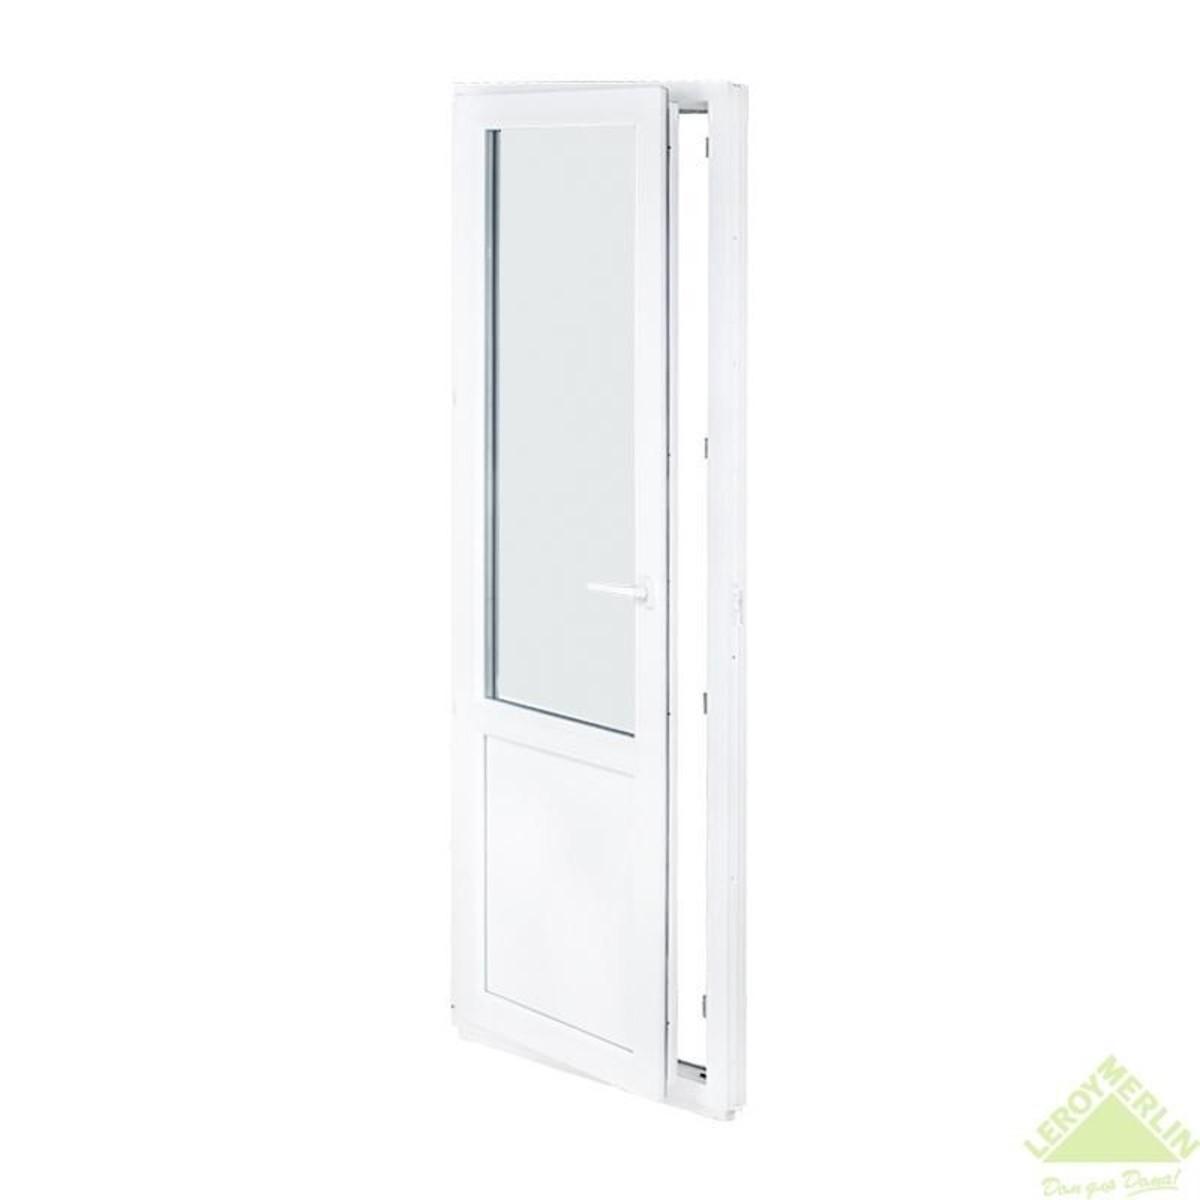 Дверь балконная ПВХ 67x218 см левая